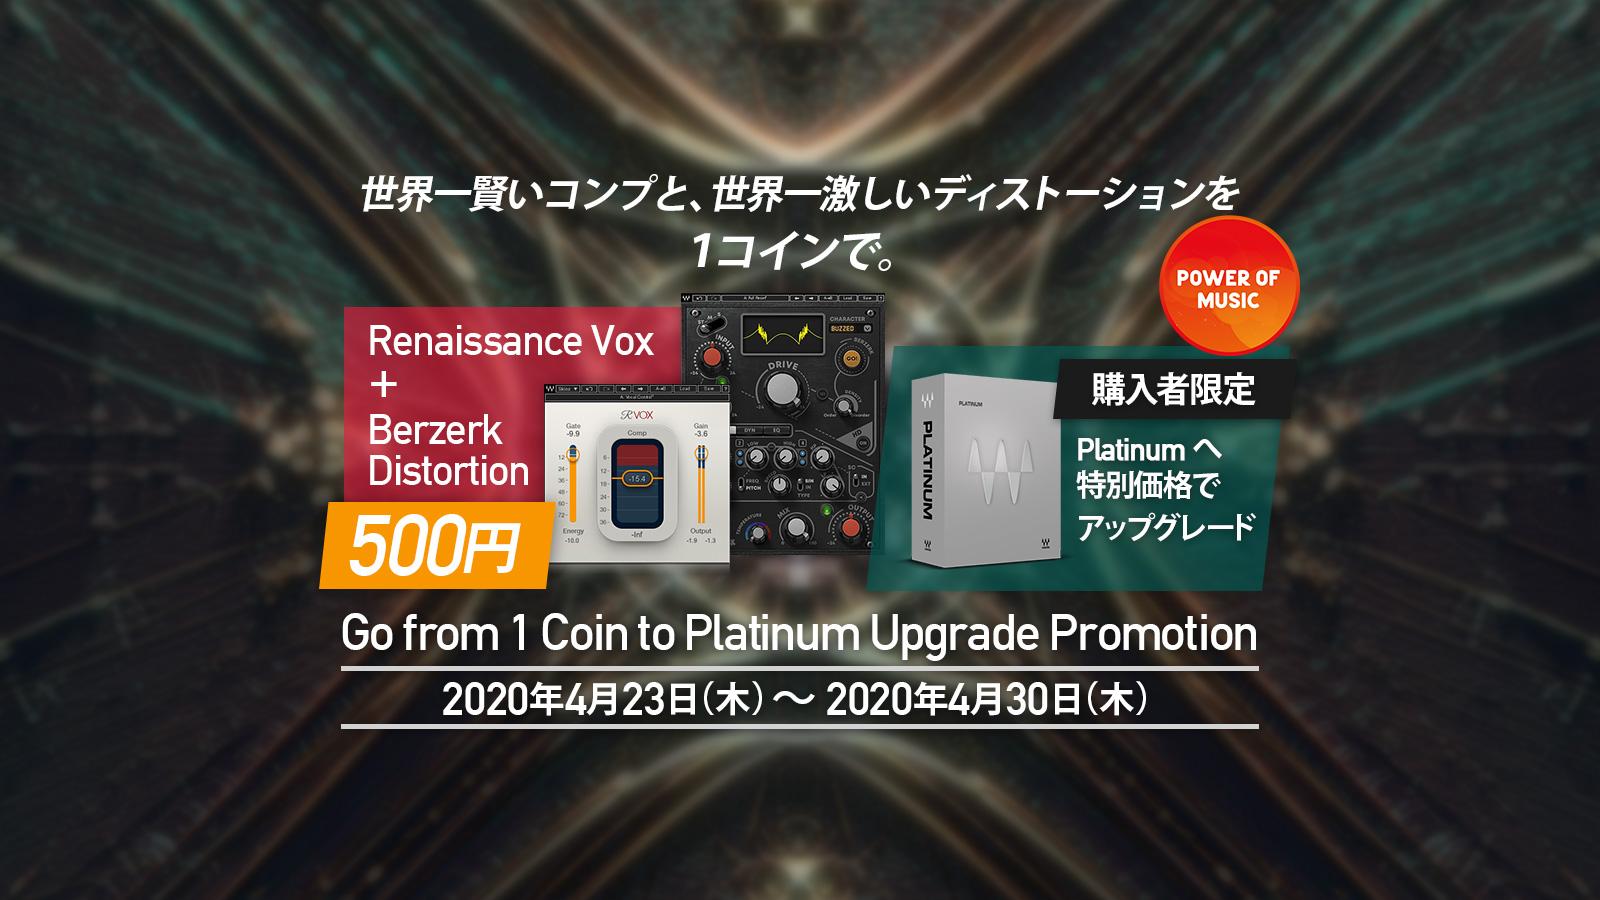 【500円】Waves RVox + Berzerk が1コインセール!Platinumへのお得なアップグレードも